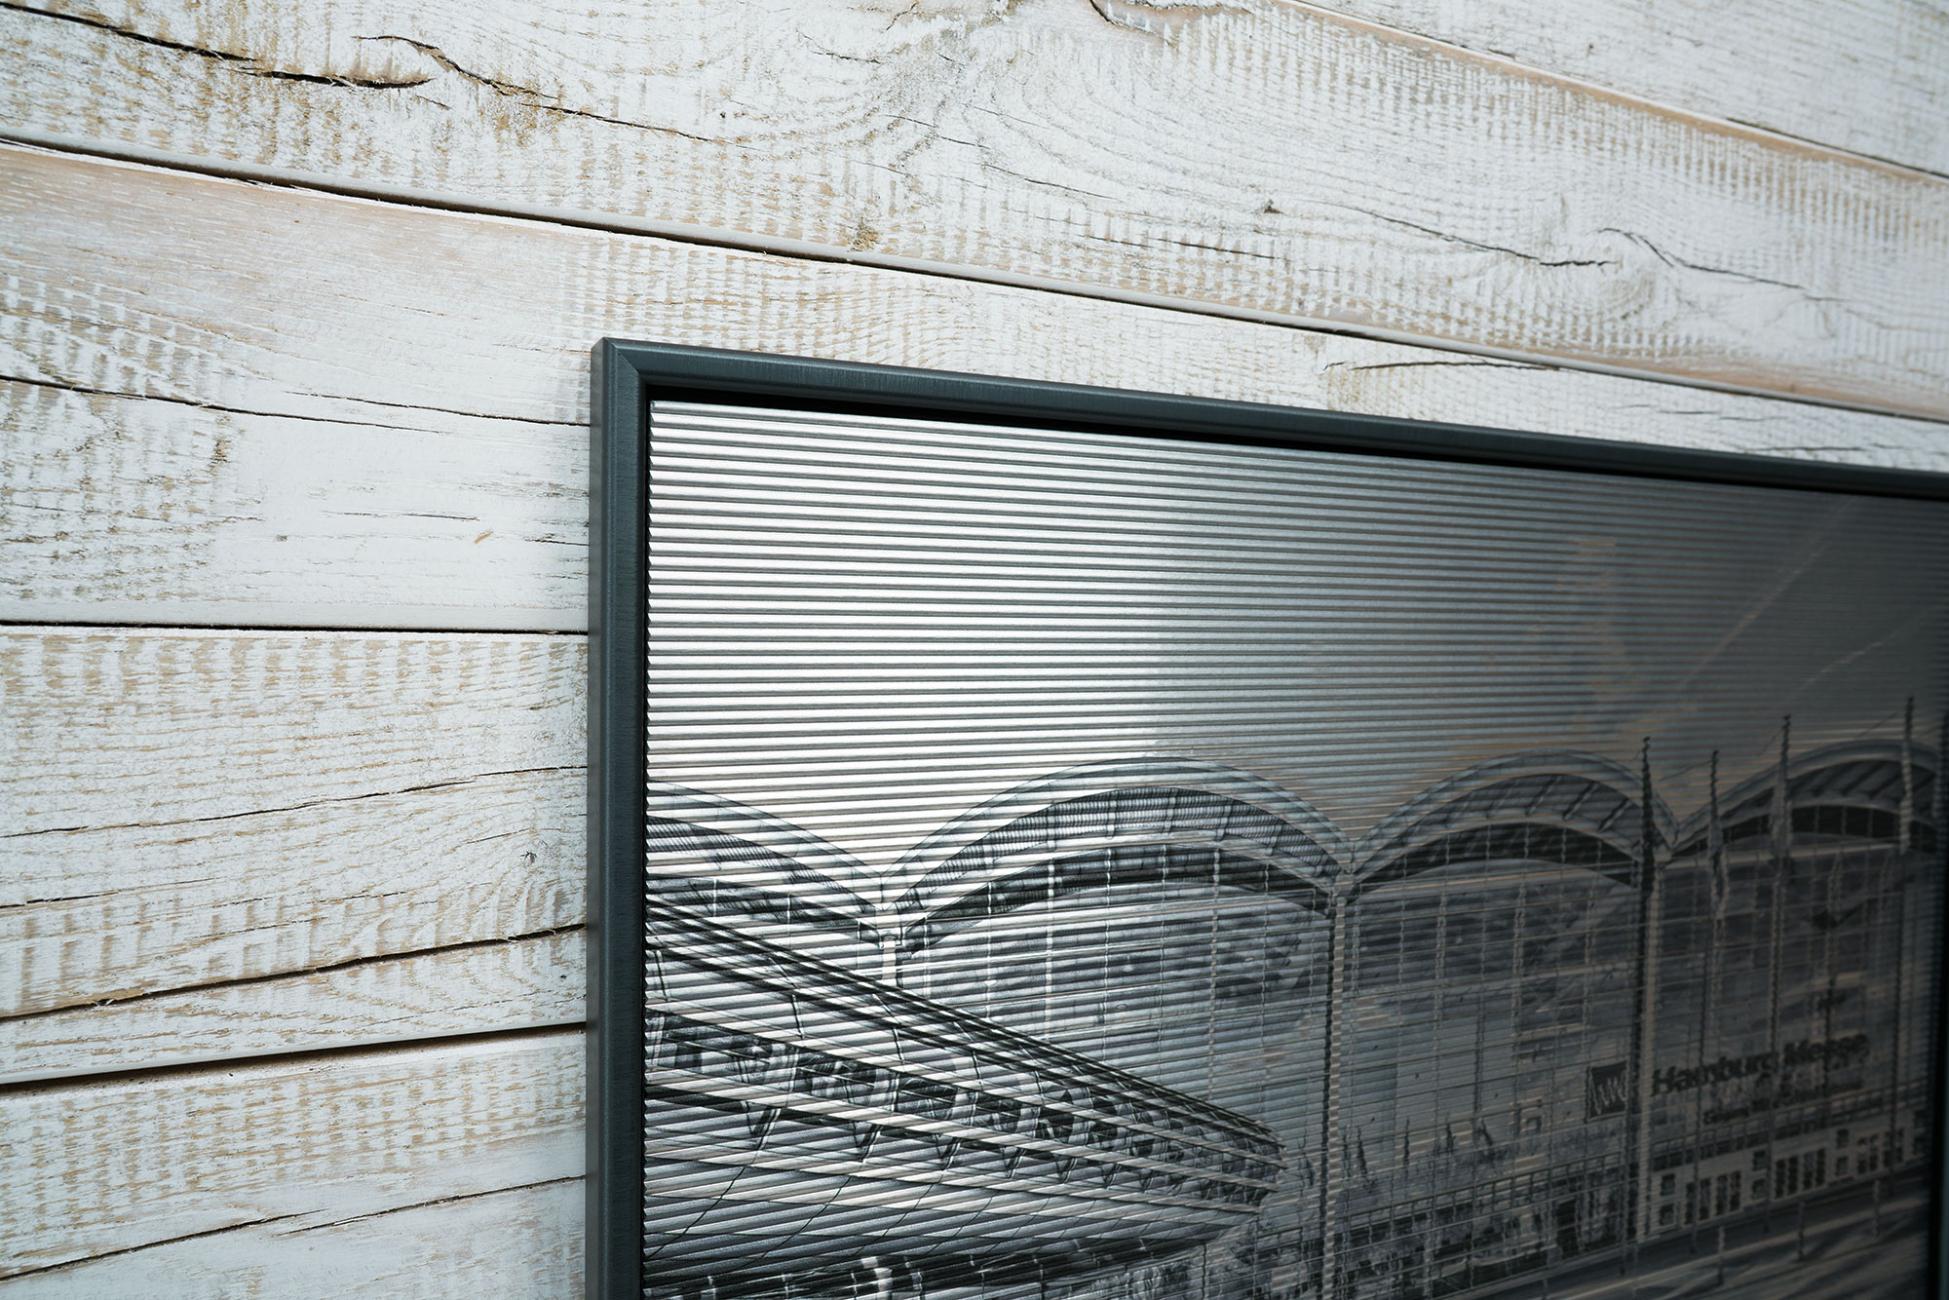 druck von fotos und bilder auf metall direktdruck hamburg. Black Bedroom Furniture Sets. Home Design Ideas